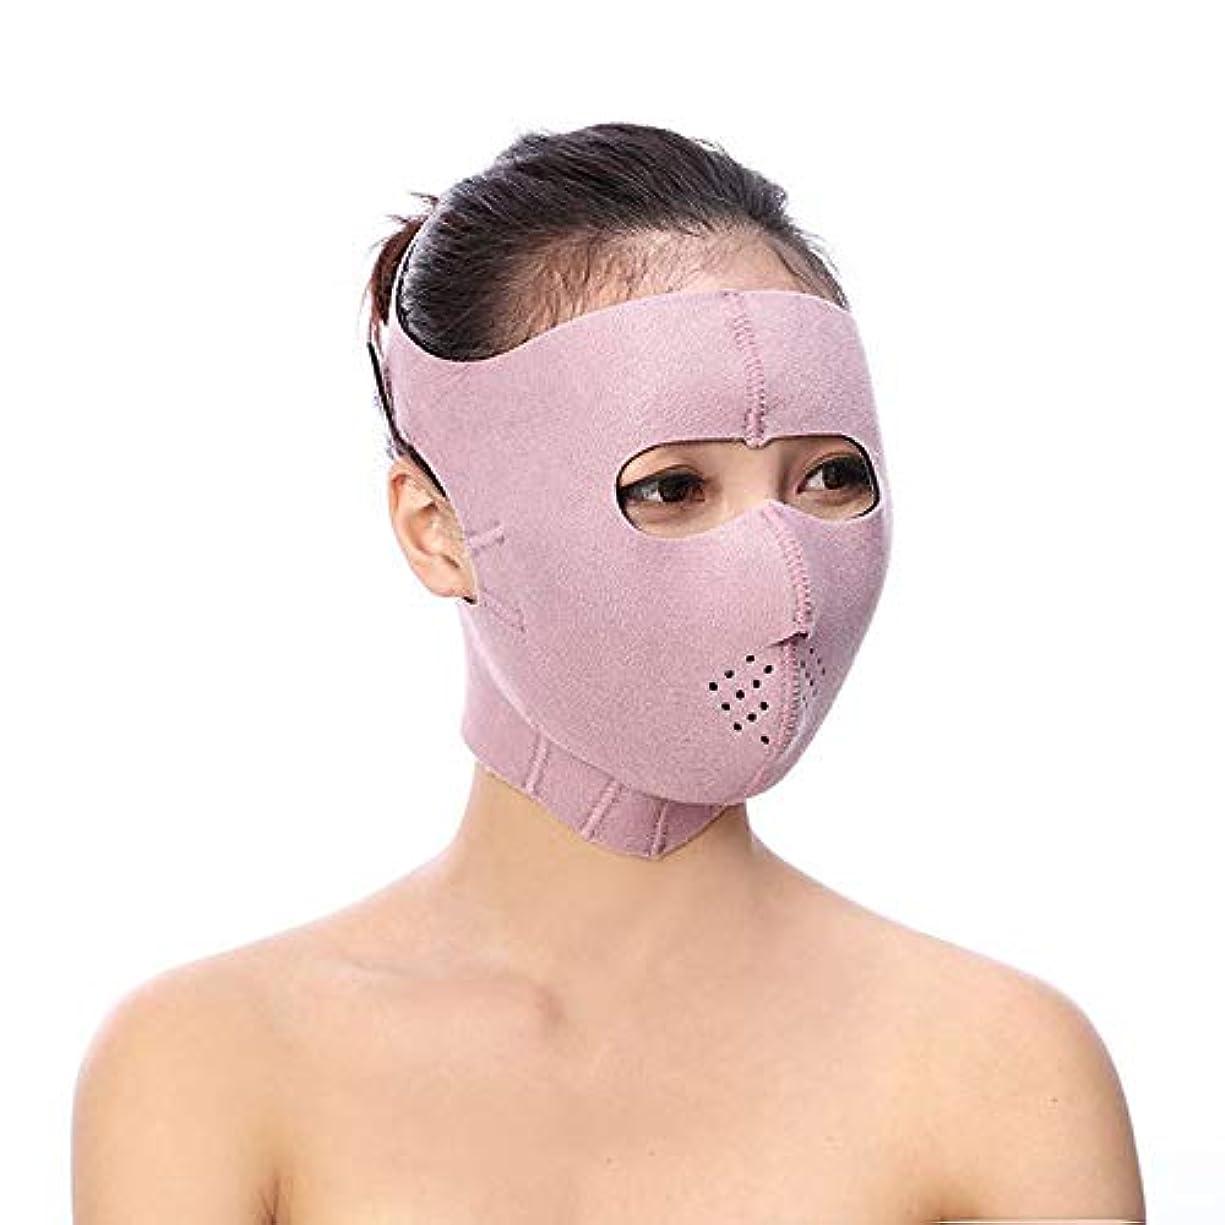 の間に私ホテルGYZ フェイシャルリフティング痩身ベルト - Vフェイス包帯マスクフェイシャルマッサージャー無料の薄いフェイス包帯整形マスクを引き締める顔と首の顔スリム Thin Face Belt